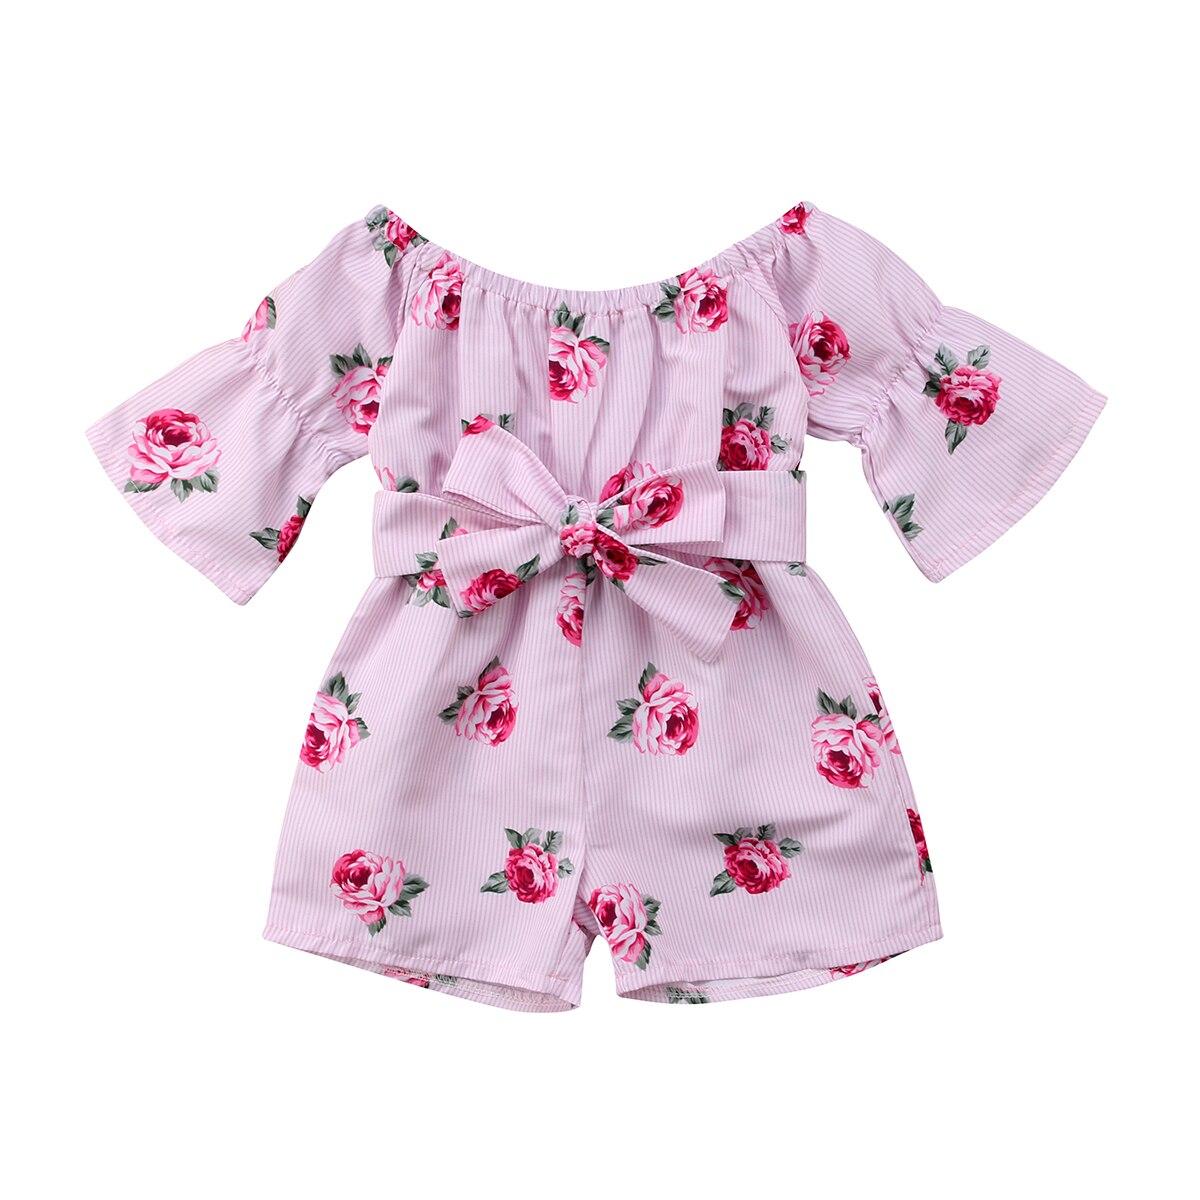 Citgeett Zomer New Kids Baby Meisje Bloemen Paars Romper Zomer Jumpsuit Sunsuit Outfits Kleding Leuke Kleding 0-5Y